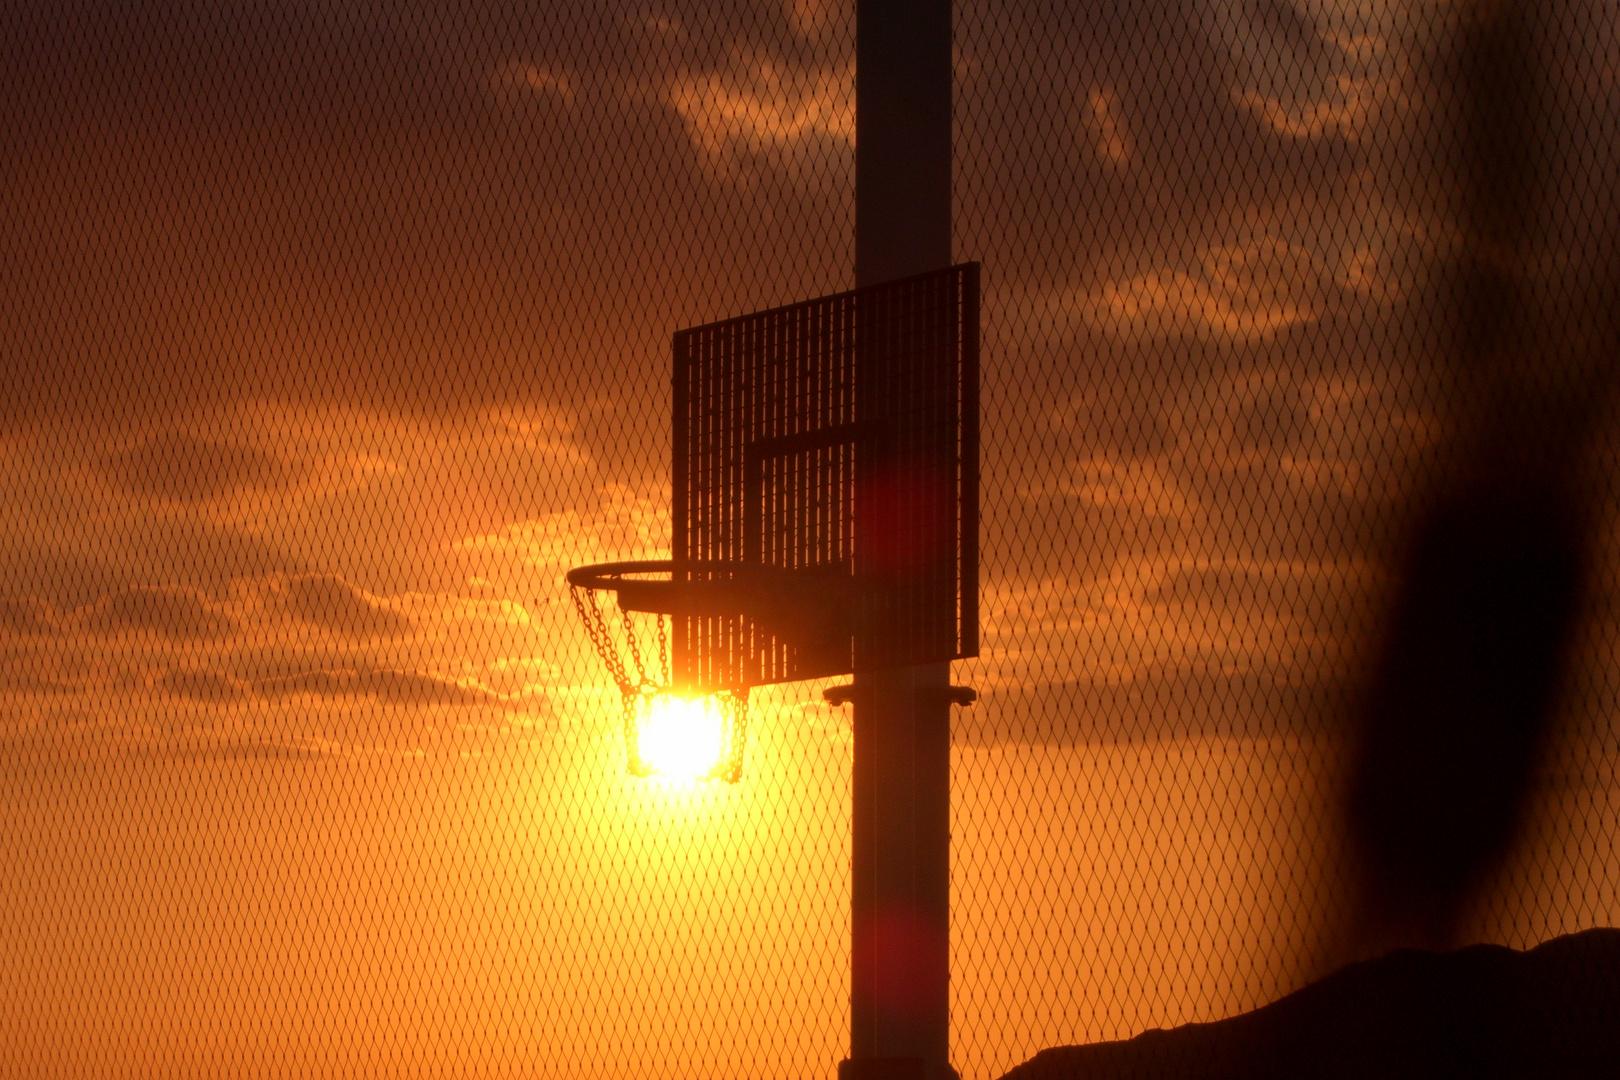 Sonne im Korb